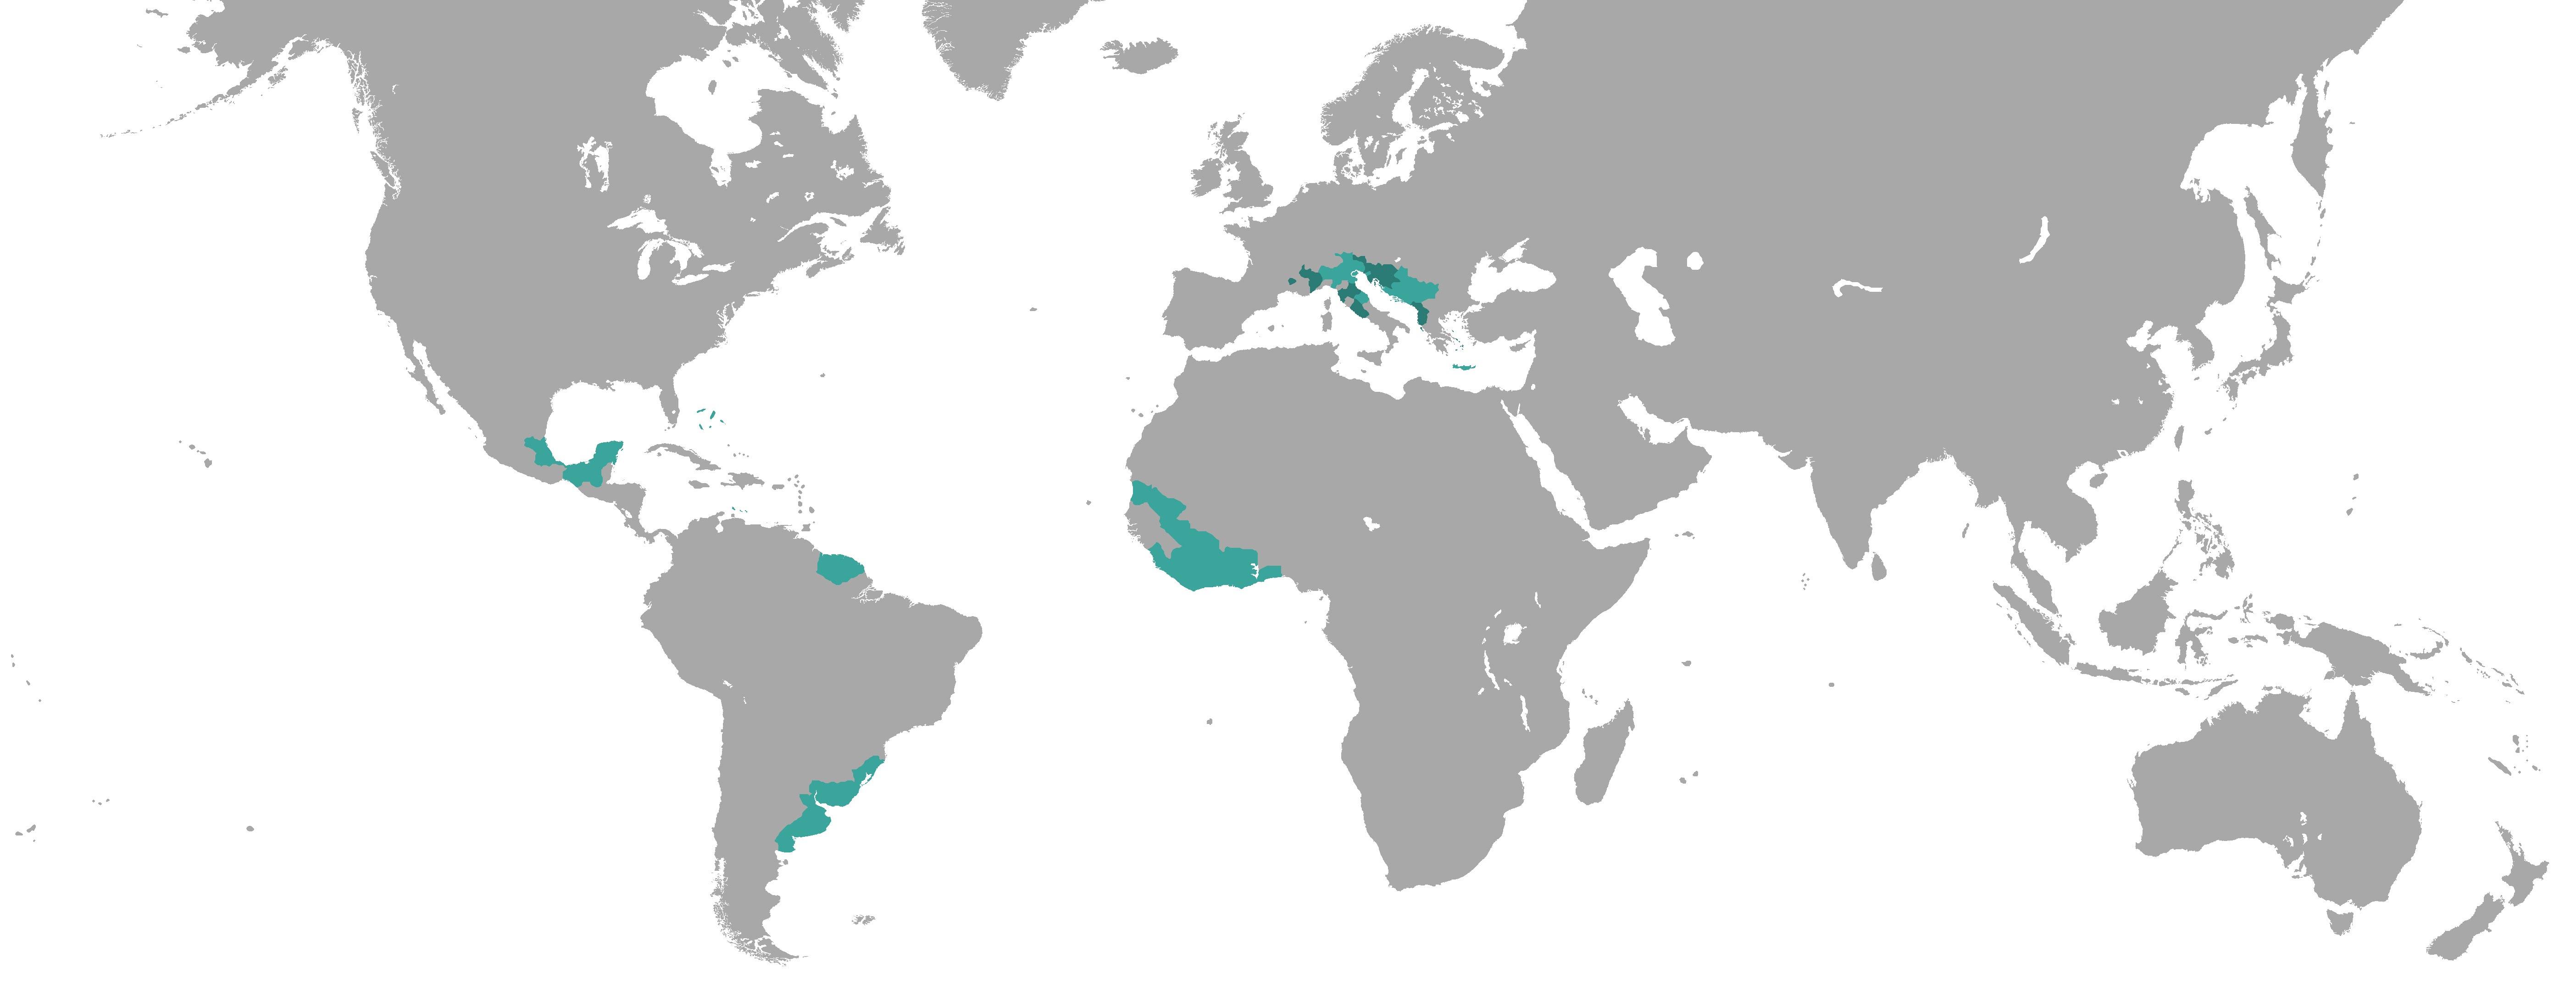 EU3_MAP_VEN_1559.8.4_2.jpg